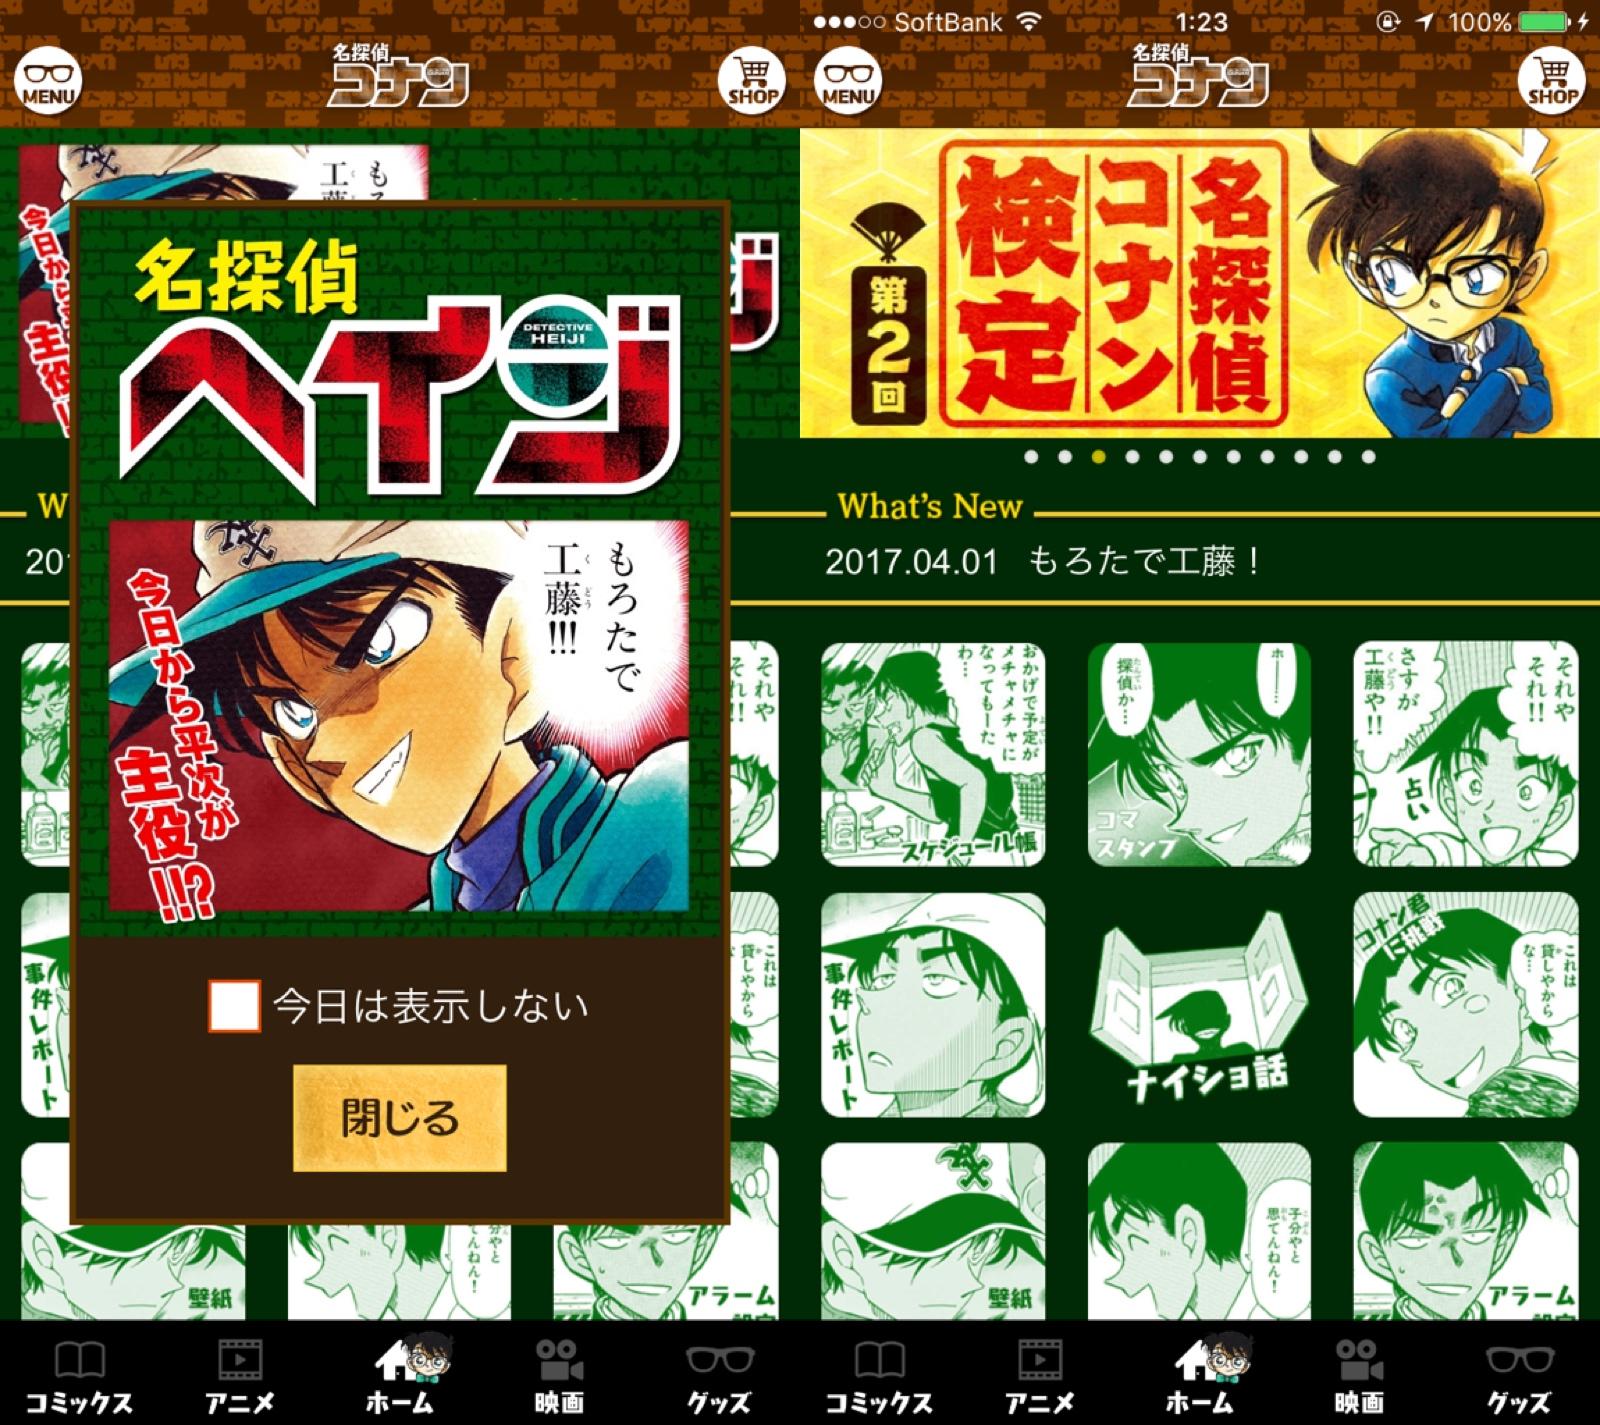 コナン公式アプリ